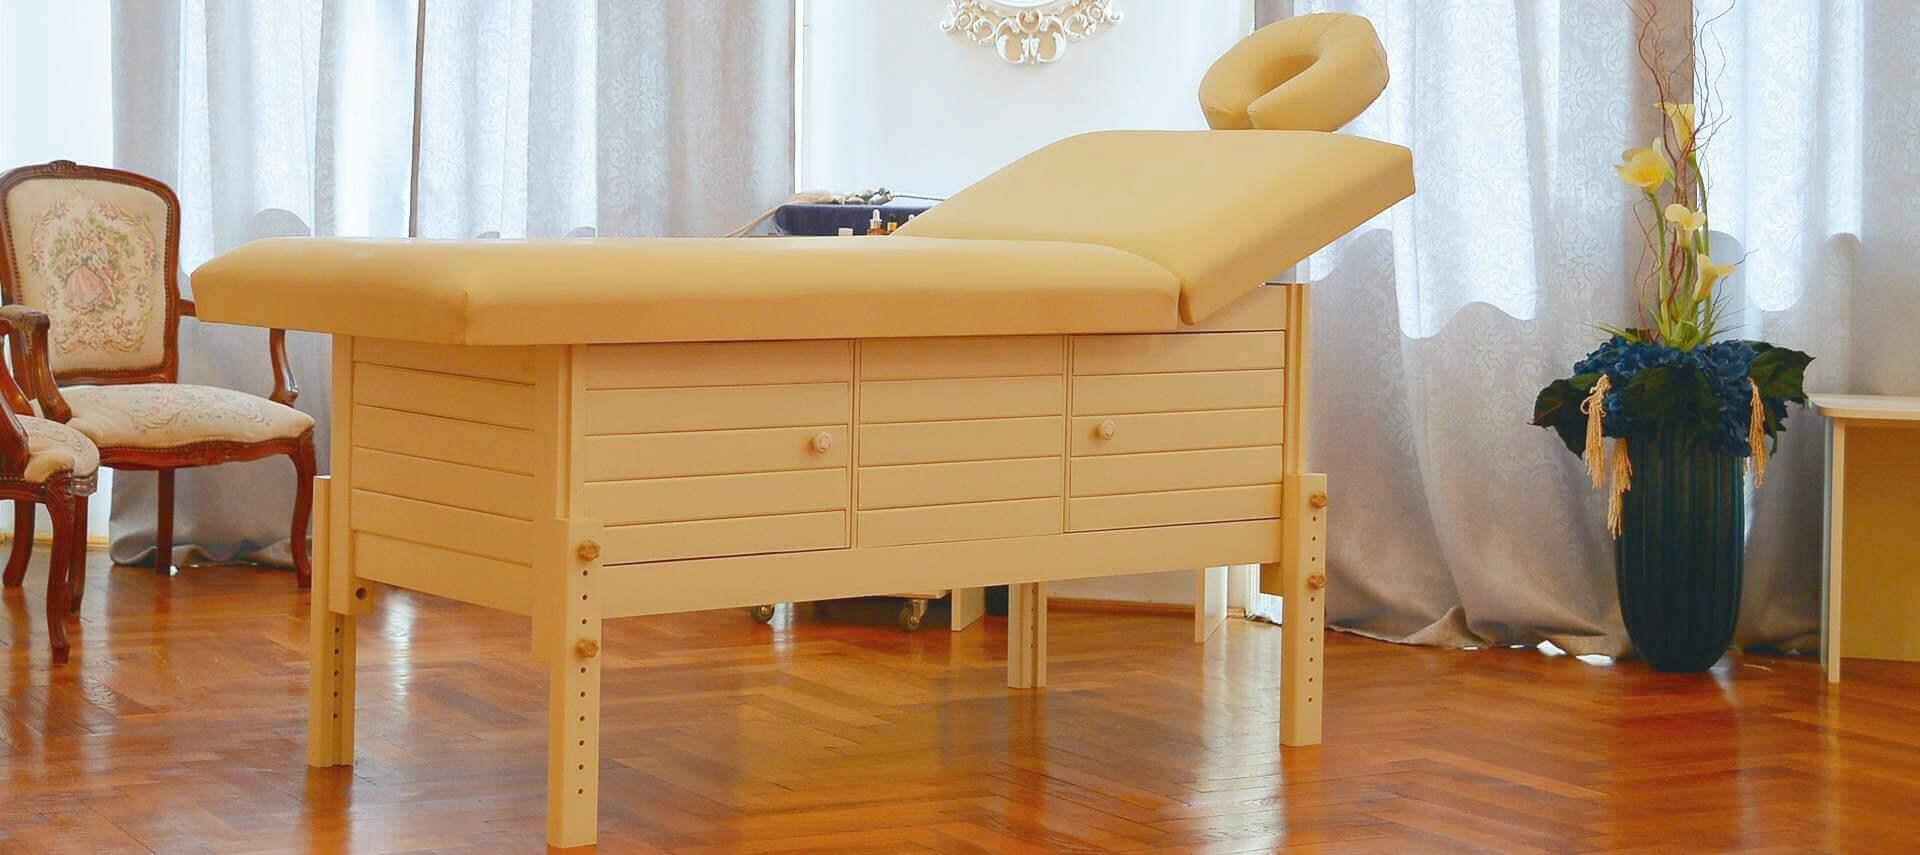 Masă de masaj staționară, model Aisha, de la BIOS, pernă patru secțiuni, tapițerie crem, finisaj lemn crem, spațiu de depozitare cu două uși batante.